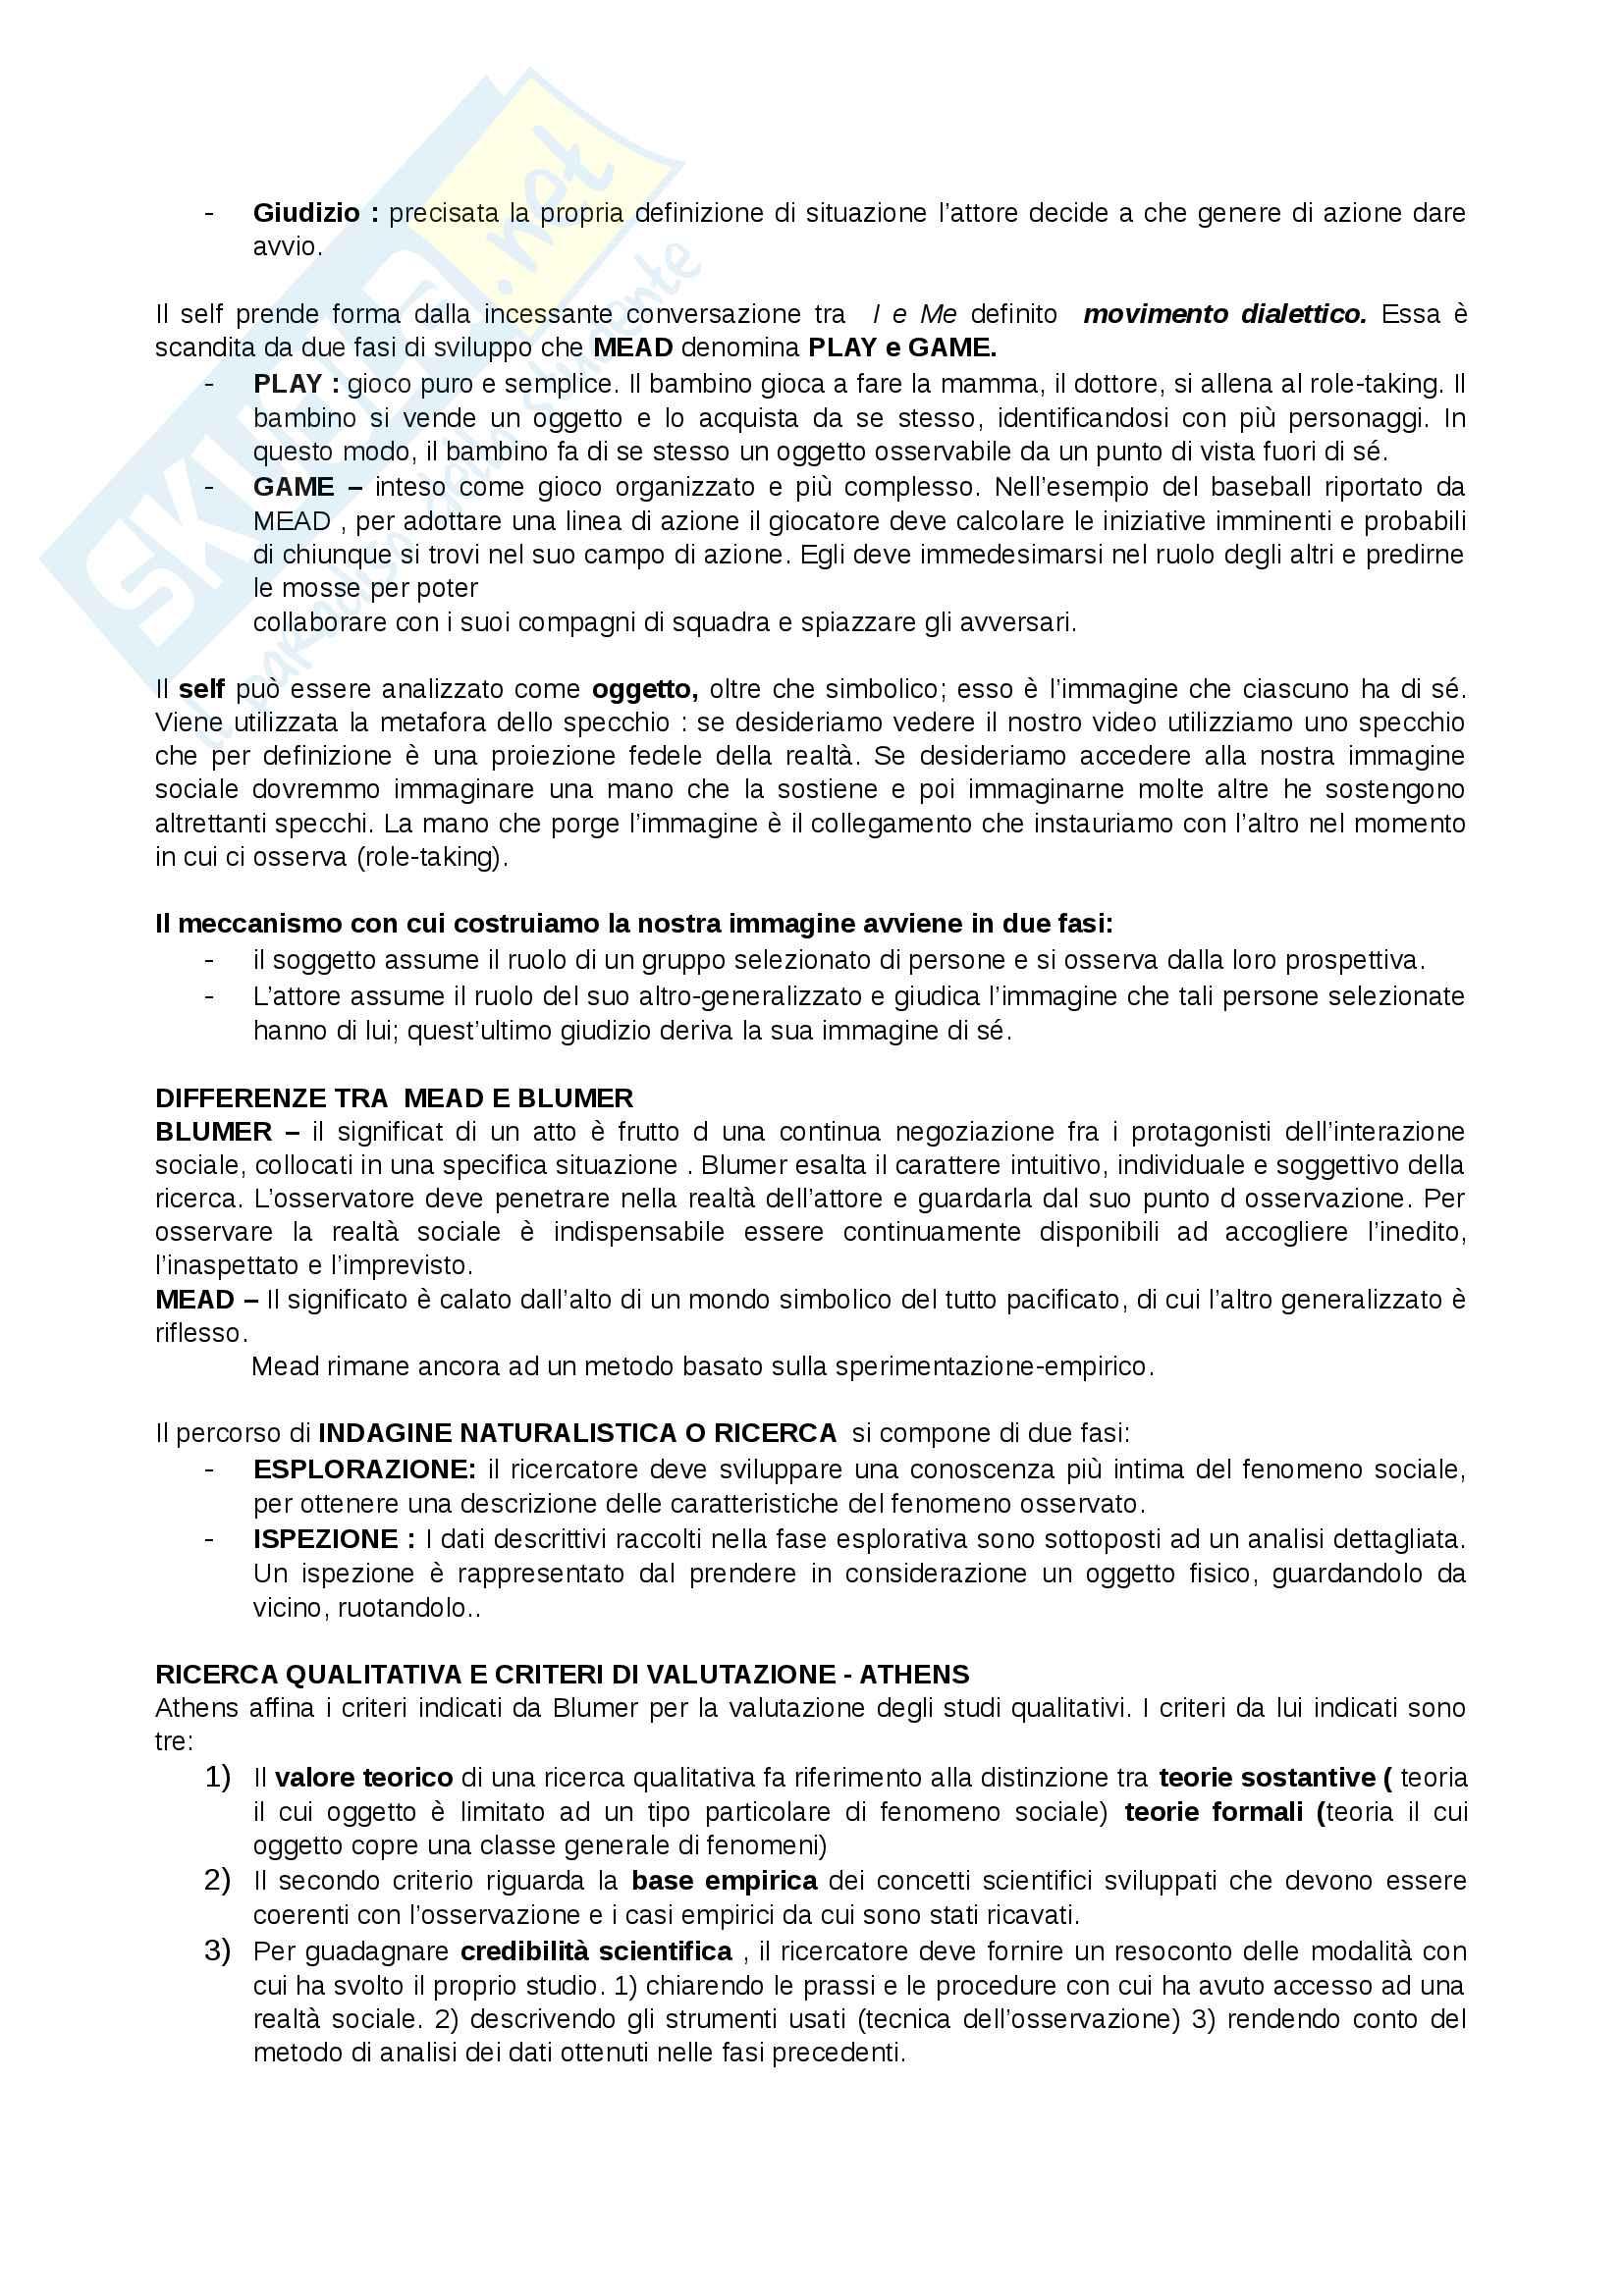 Riassunto esame Criminologia, docente, Cornelli libro consigliato Cosmologie violente, Adolfo Ceretti, Lorenzo Natali Pag. 6